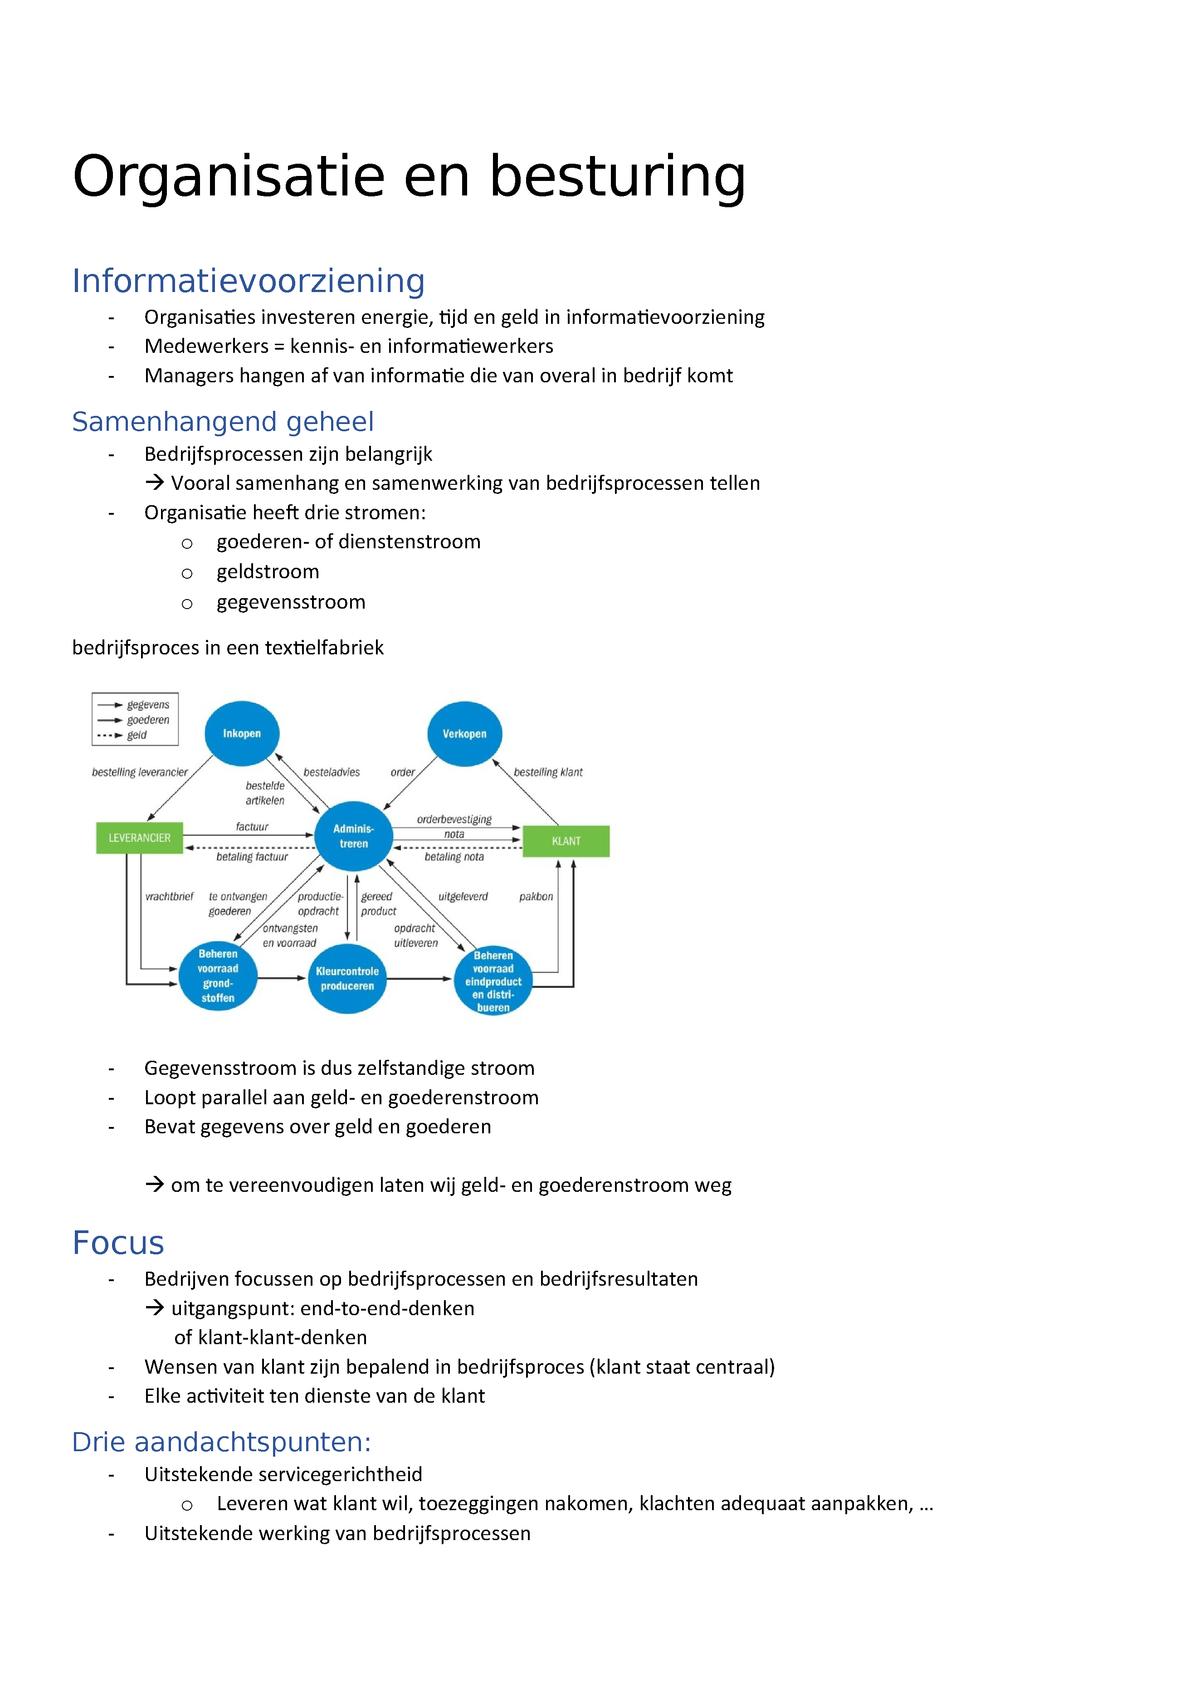 fe19c2a4c20 Les 3 samenvatting - Informatiemanagement - StuDocu